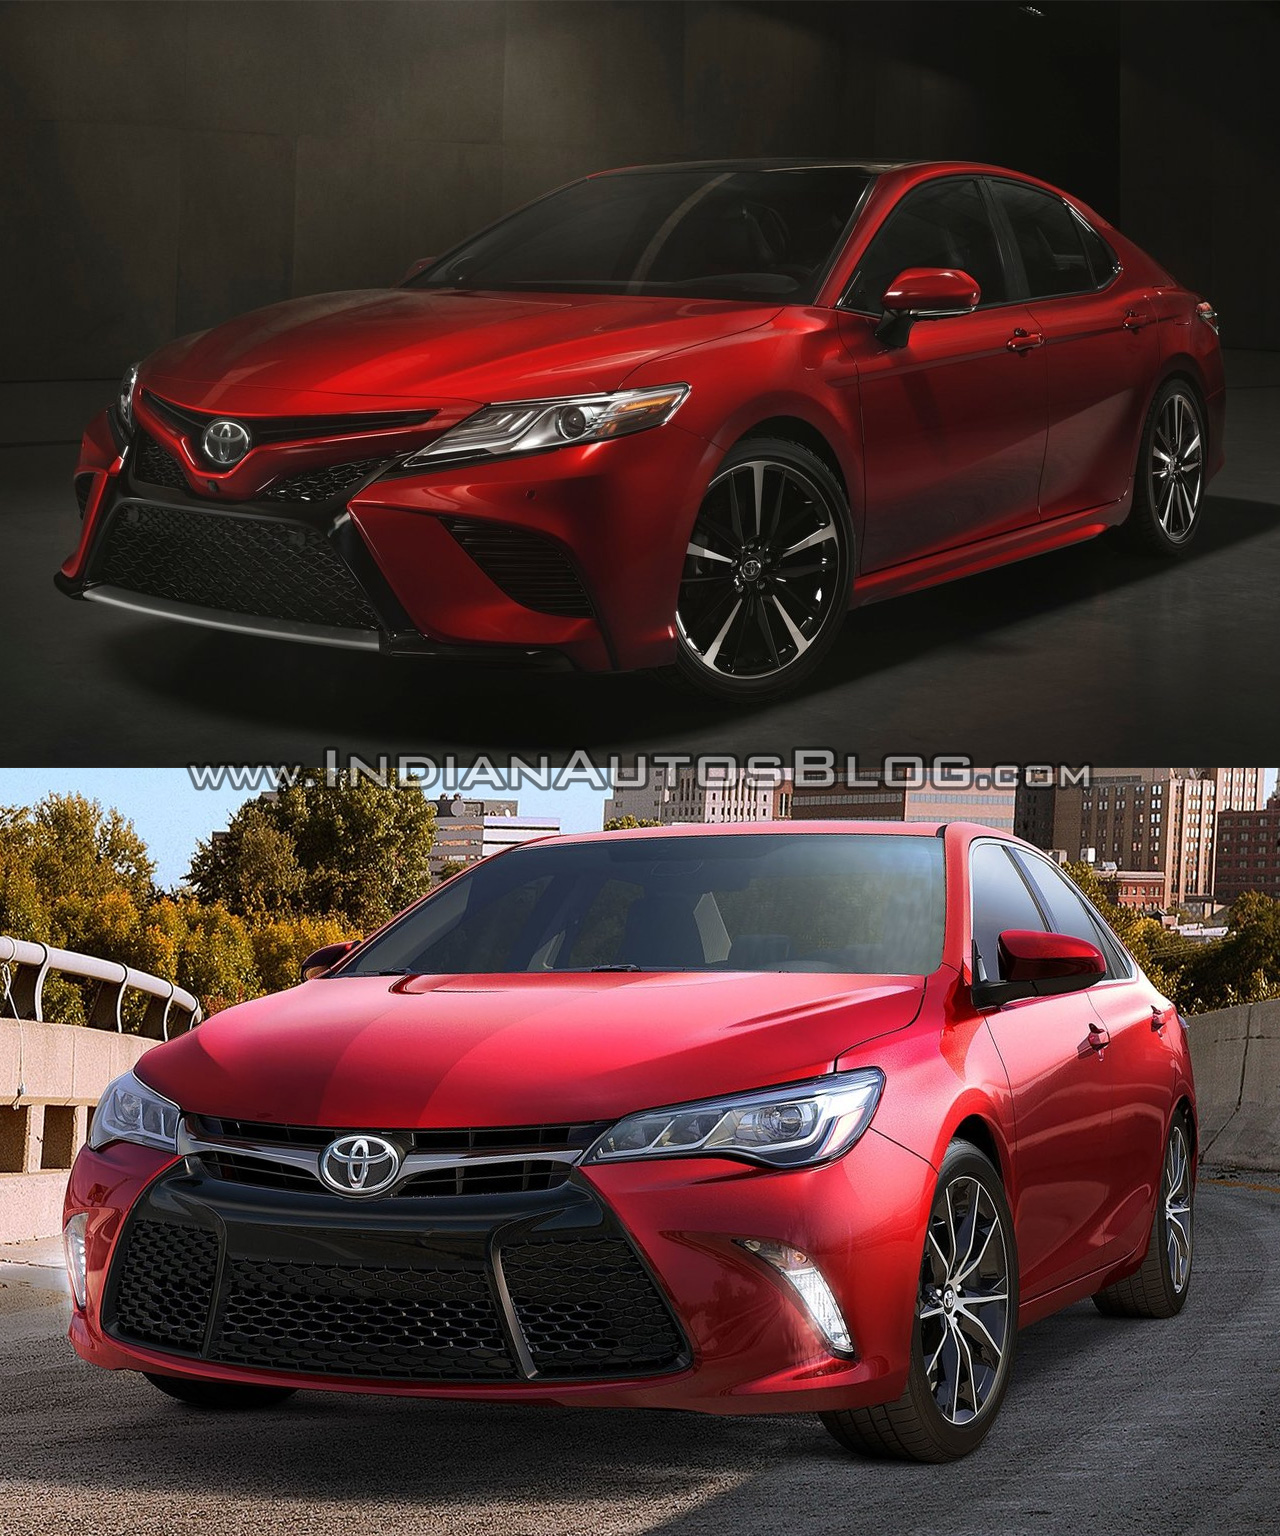 So sánh Toyota Camry mới và cũ qua ảnh